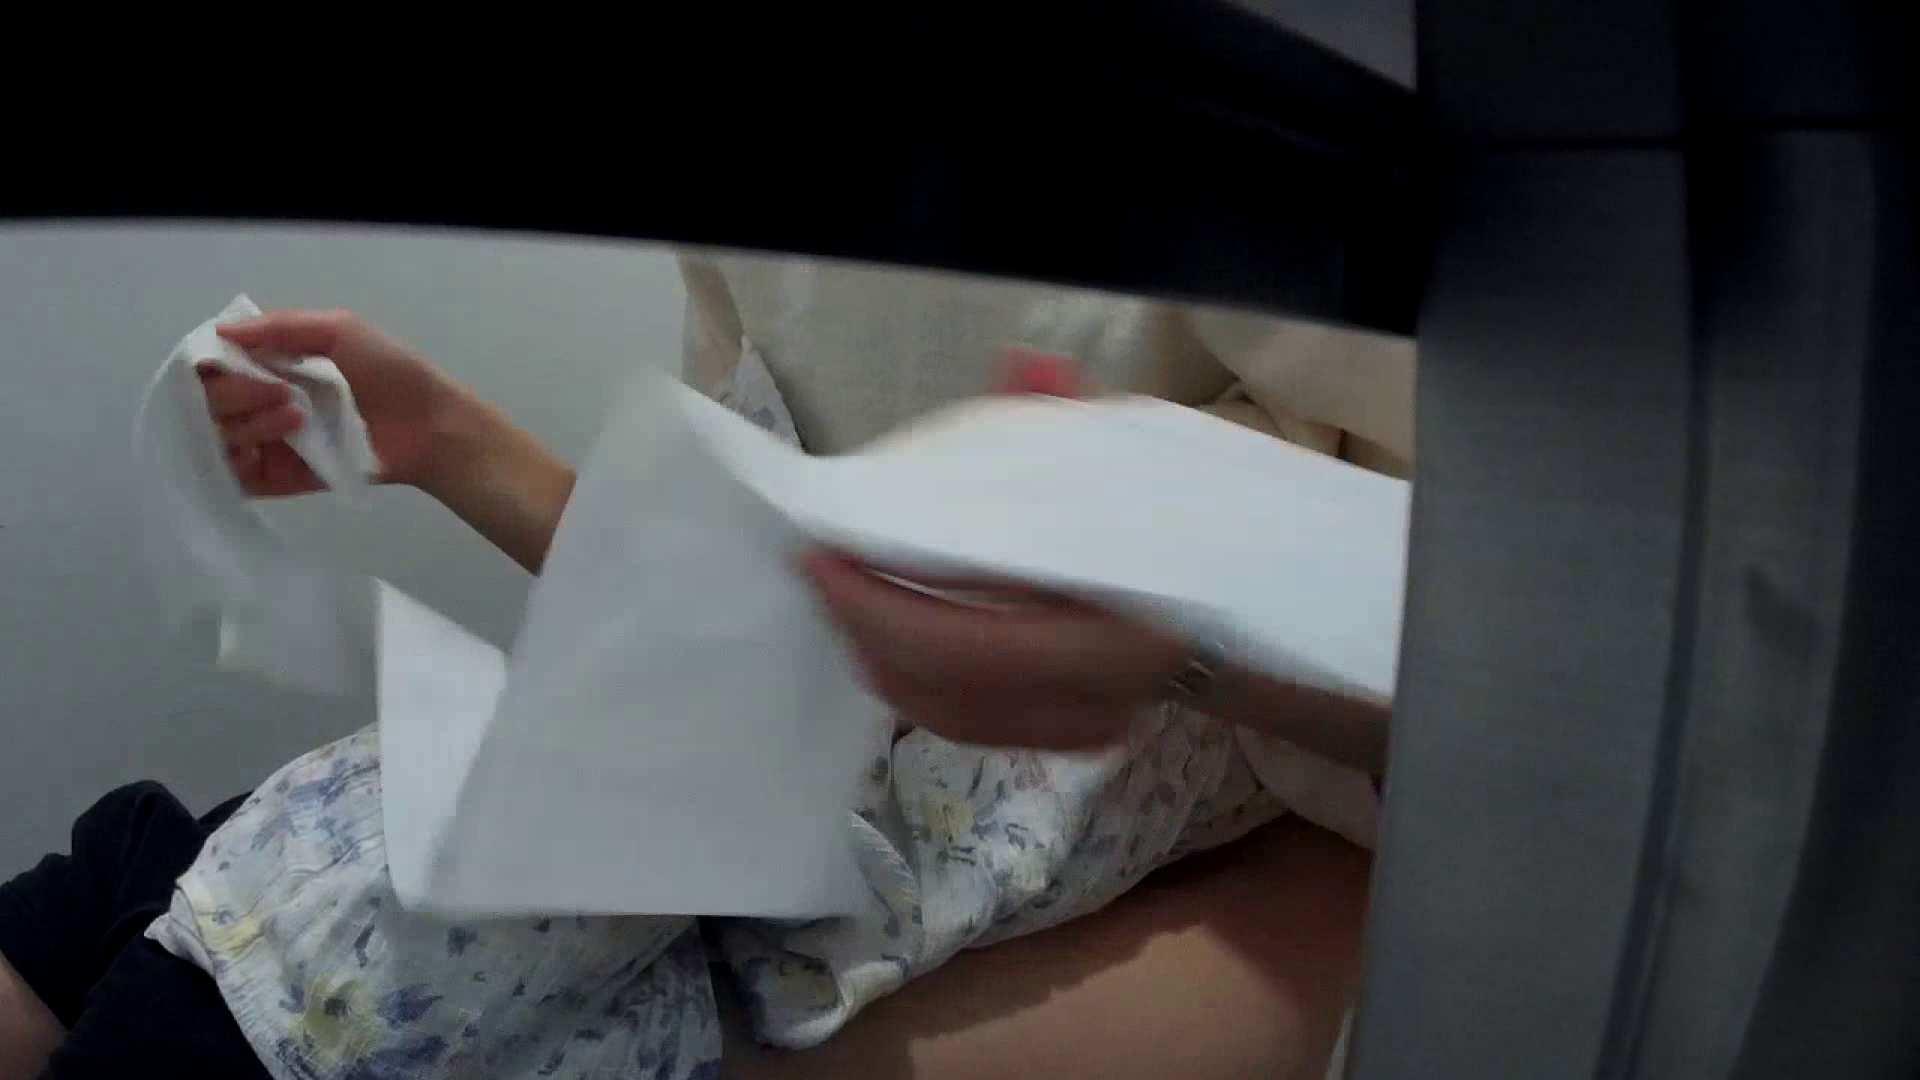 有名大学女性洗面所 vol.40 ??おまじない的な動きをする子がいます。 いやらしいOL ヌード画像 22連発 14